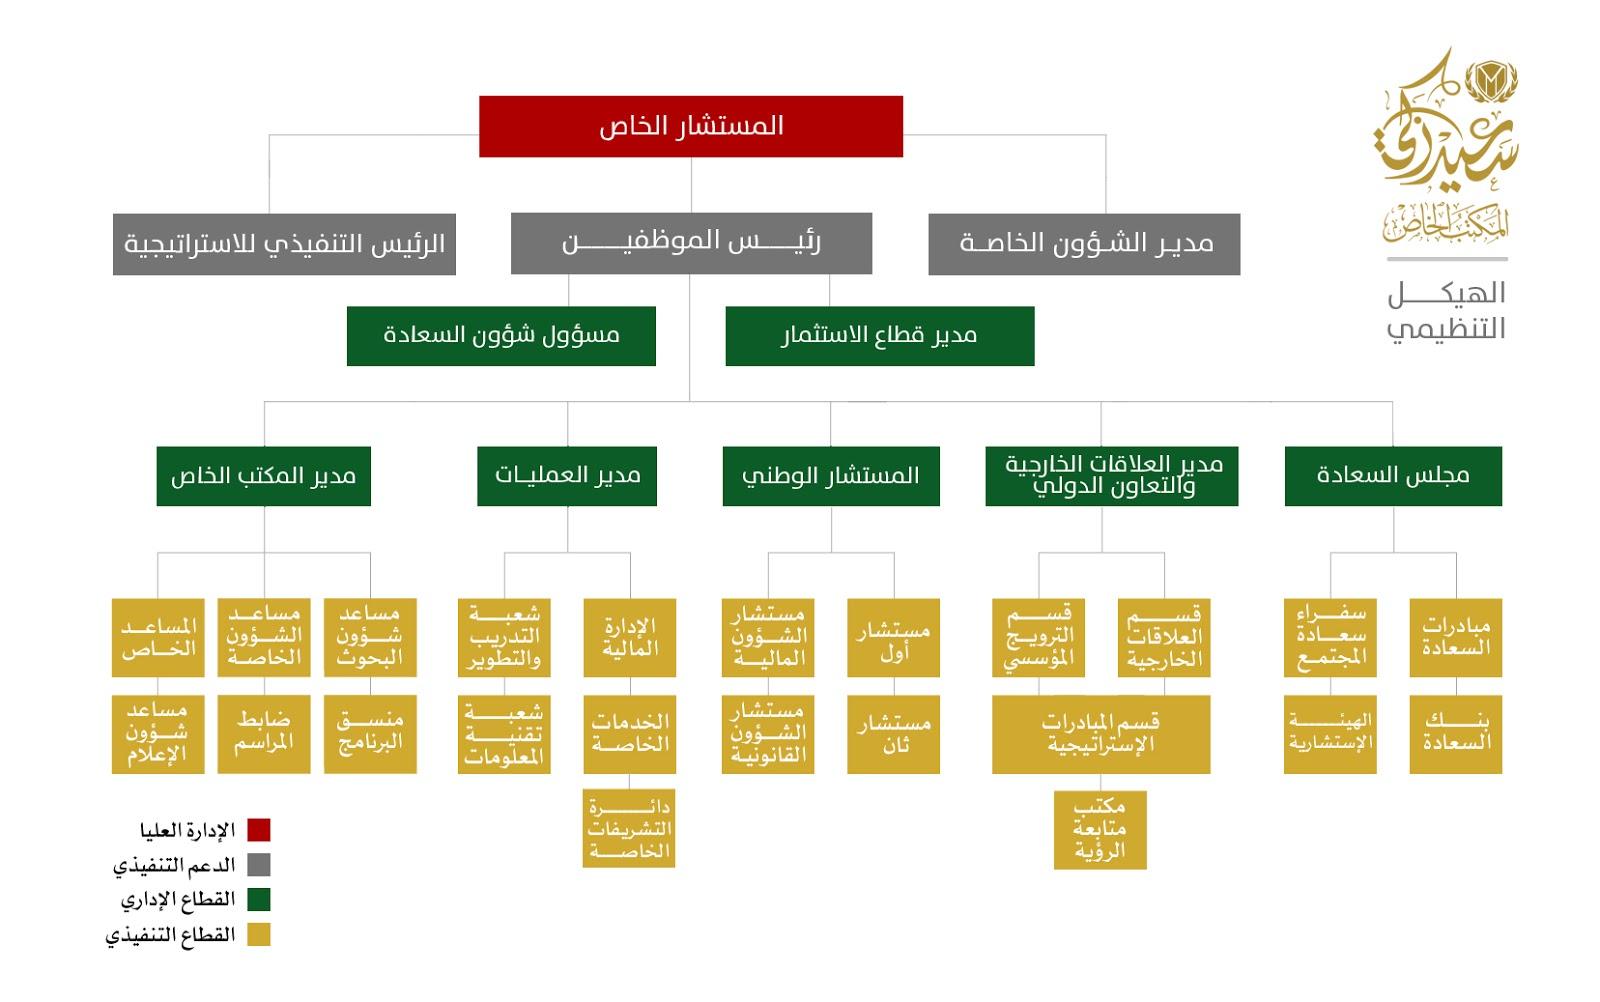 الهيكل التنظيمي - المكتب الخاص لسعيد زكي